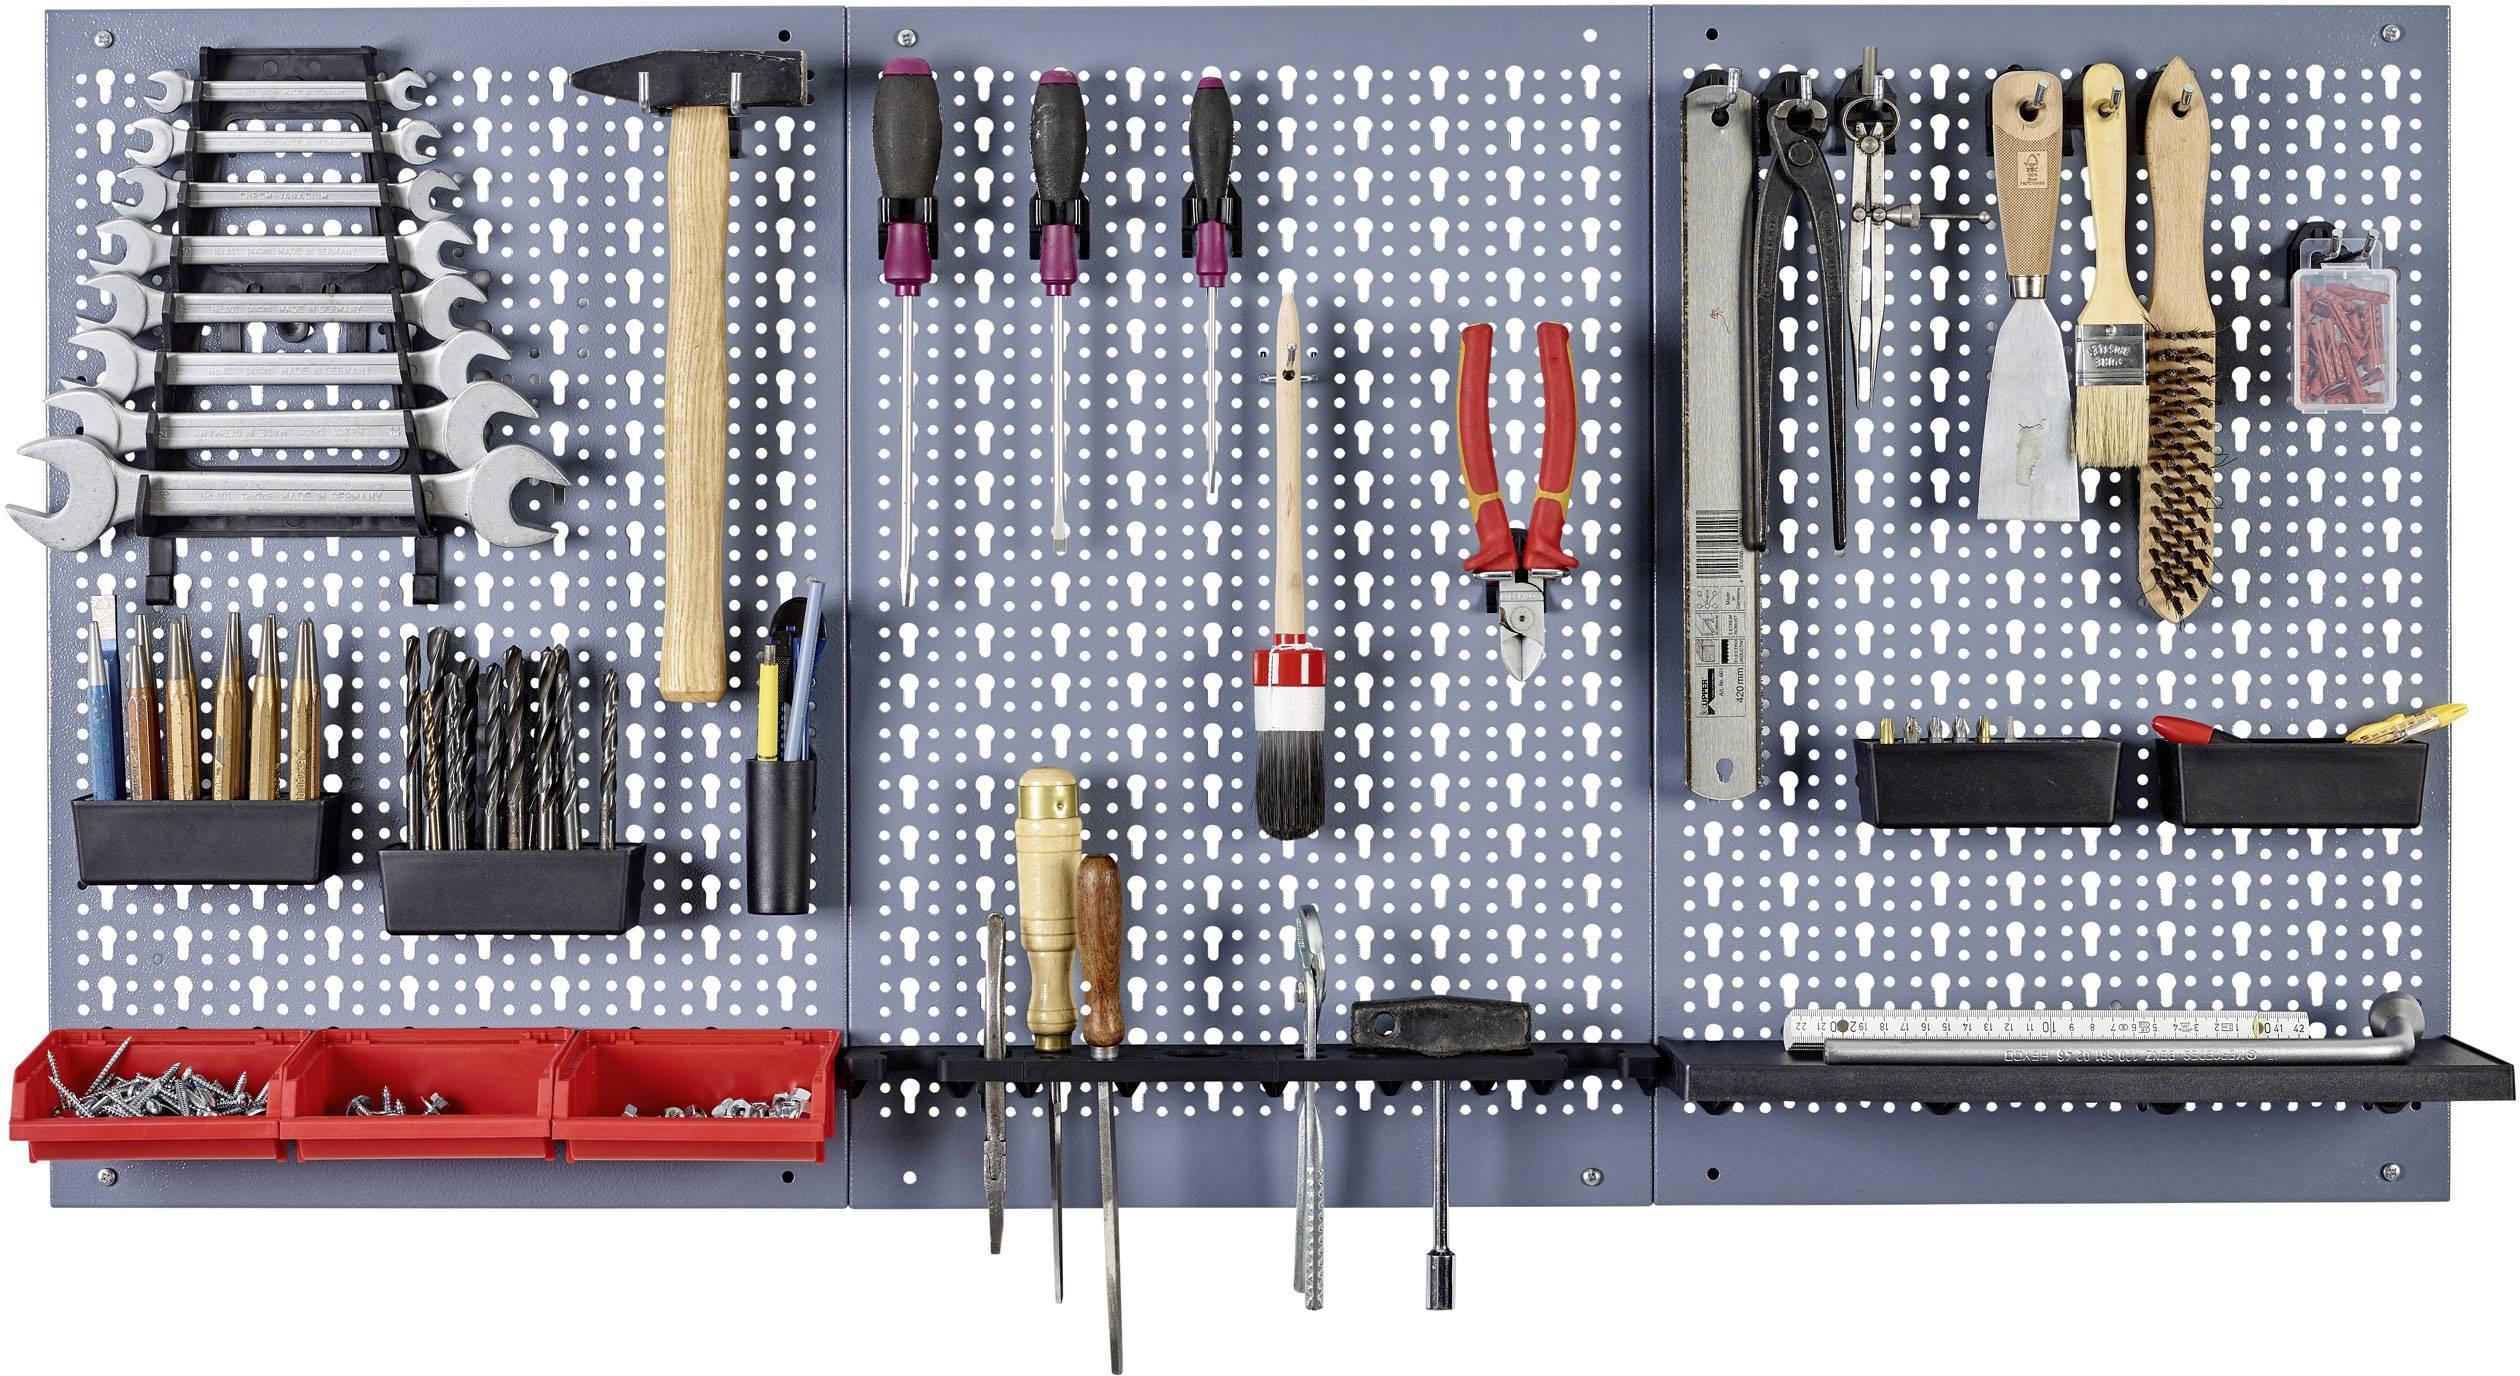 Küpper 70100, (š x v) 120 cm x 60 cm